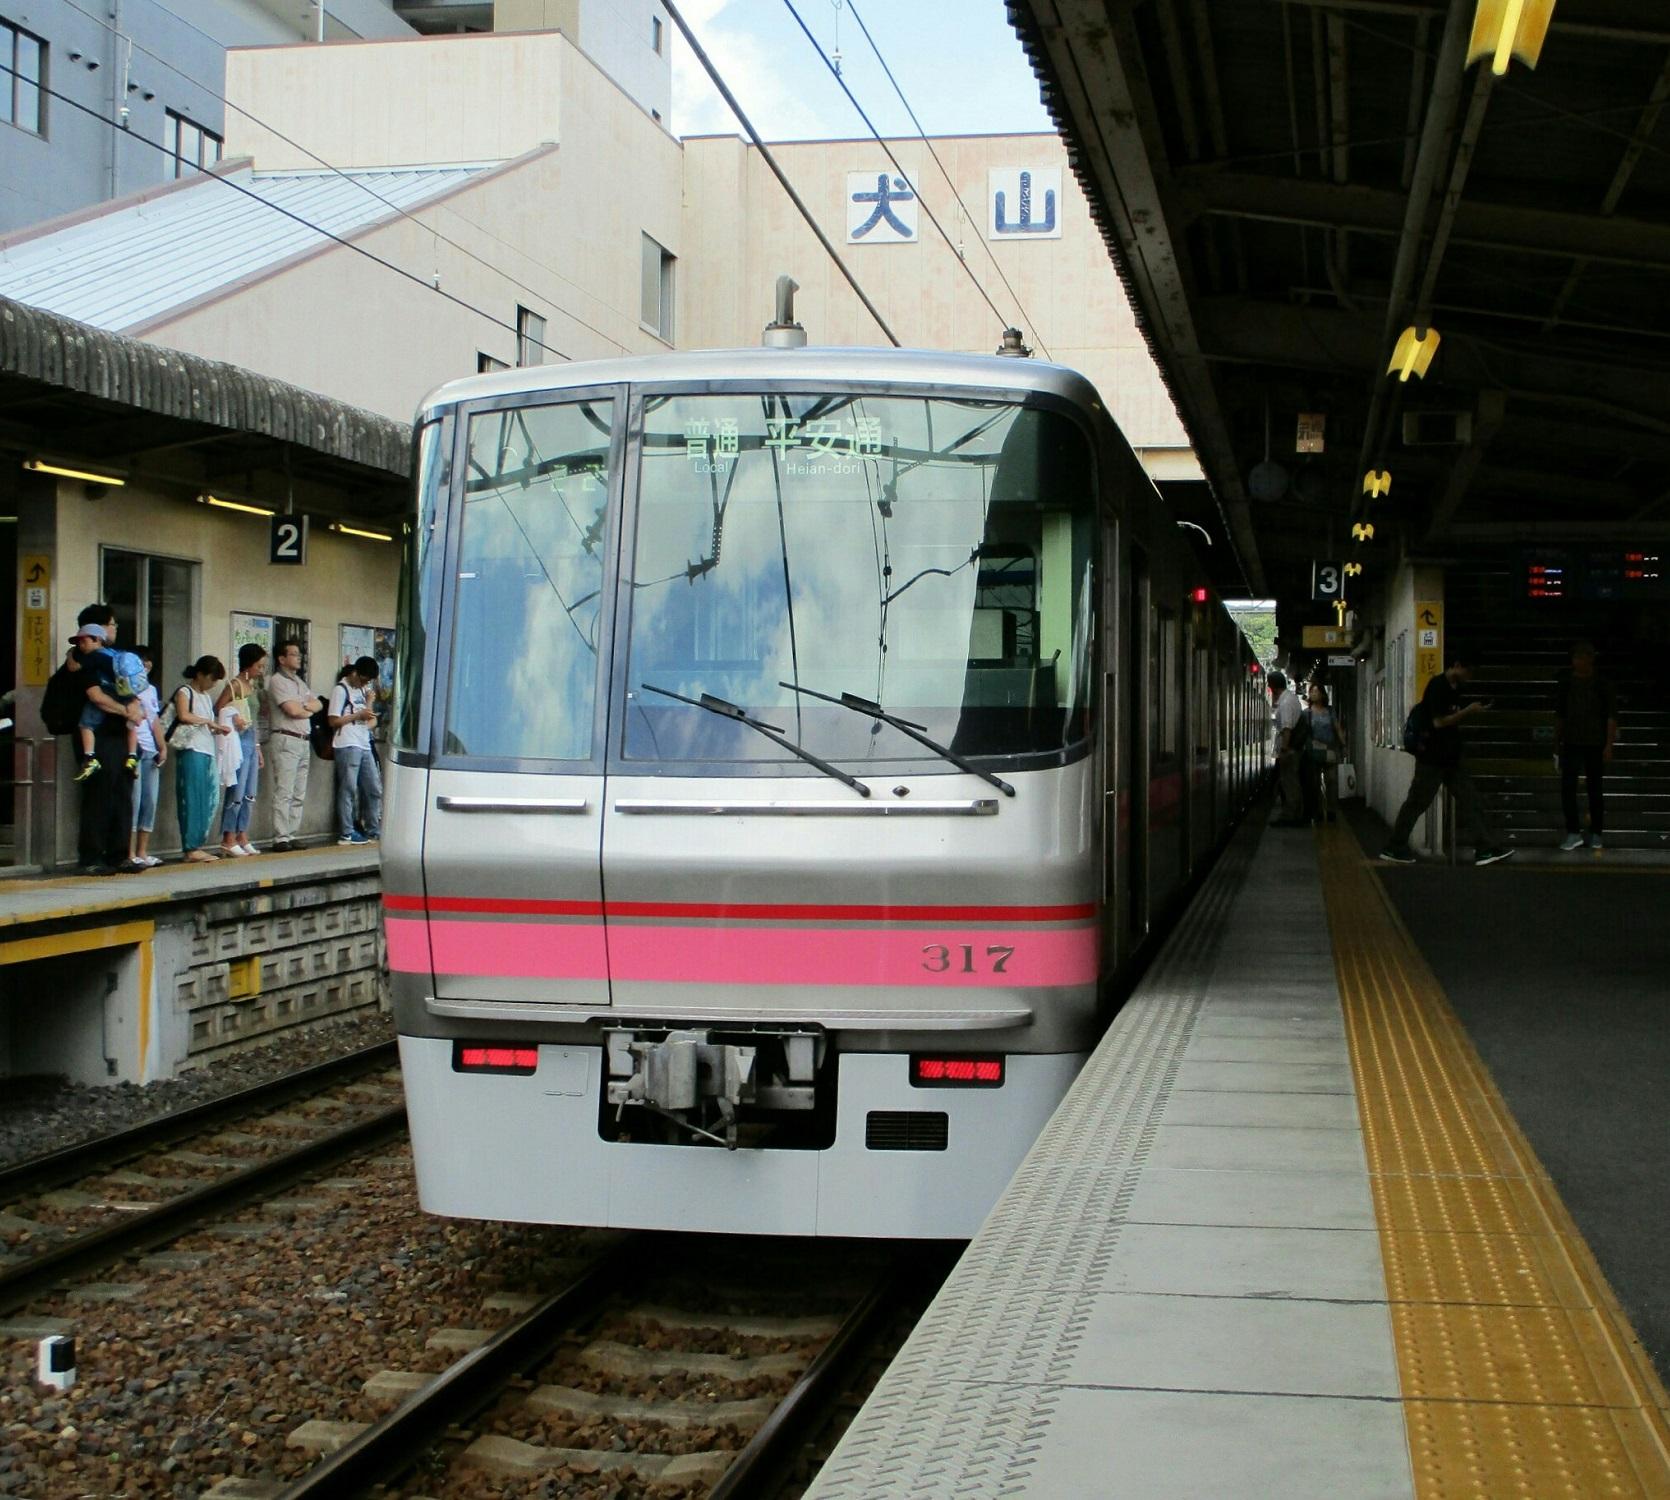 2018.6.30 (19) 犬山 - 平安通いきふつう 1670-1500